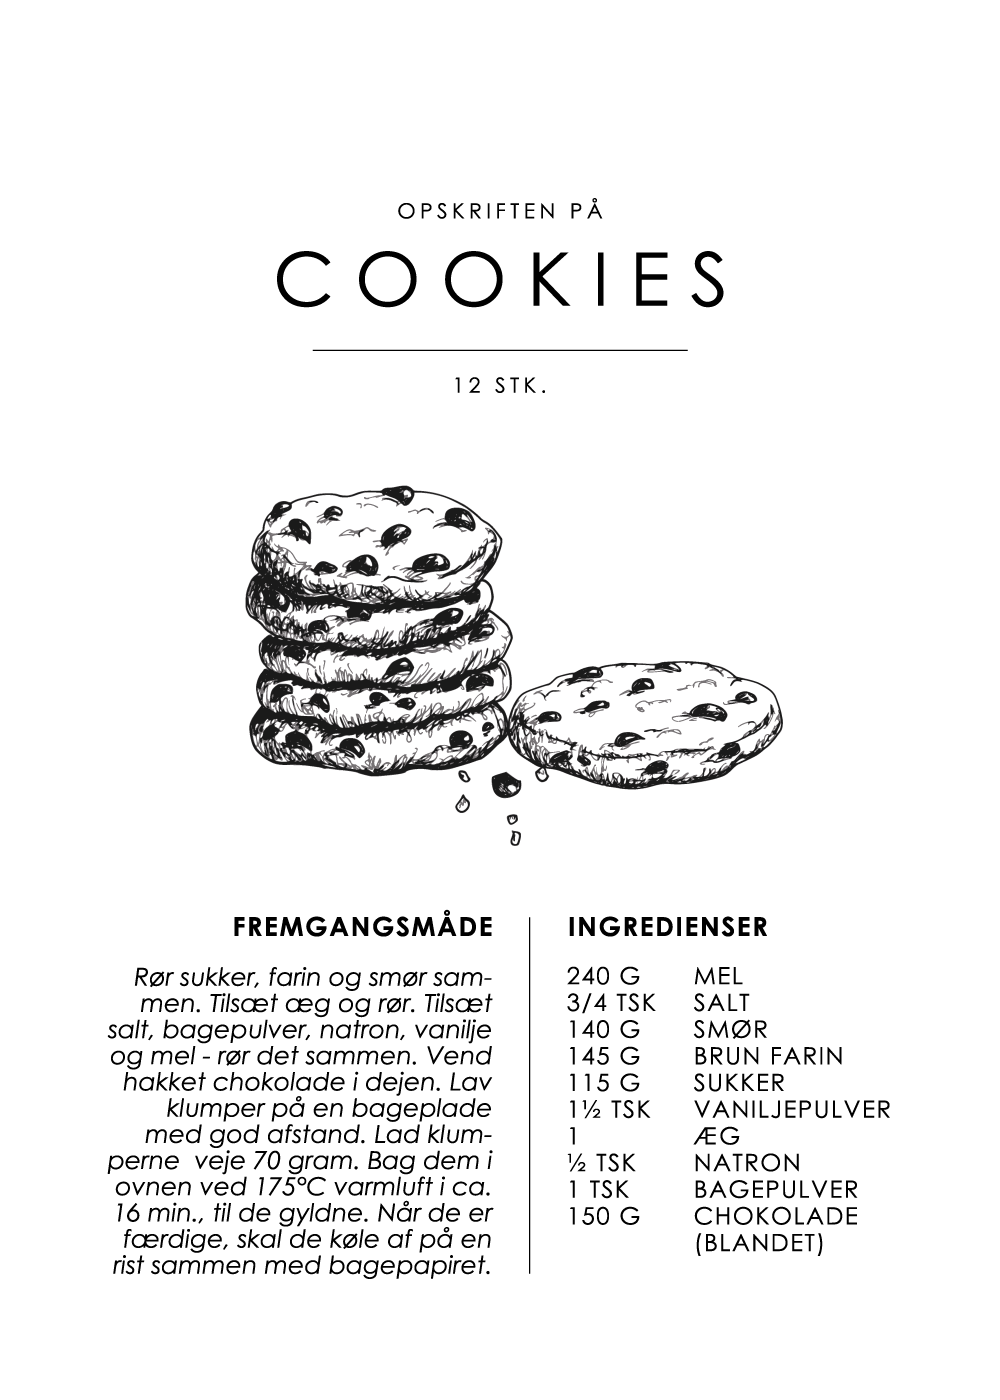 Billede af Cookies opskrift - Kage guide plakat